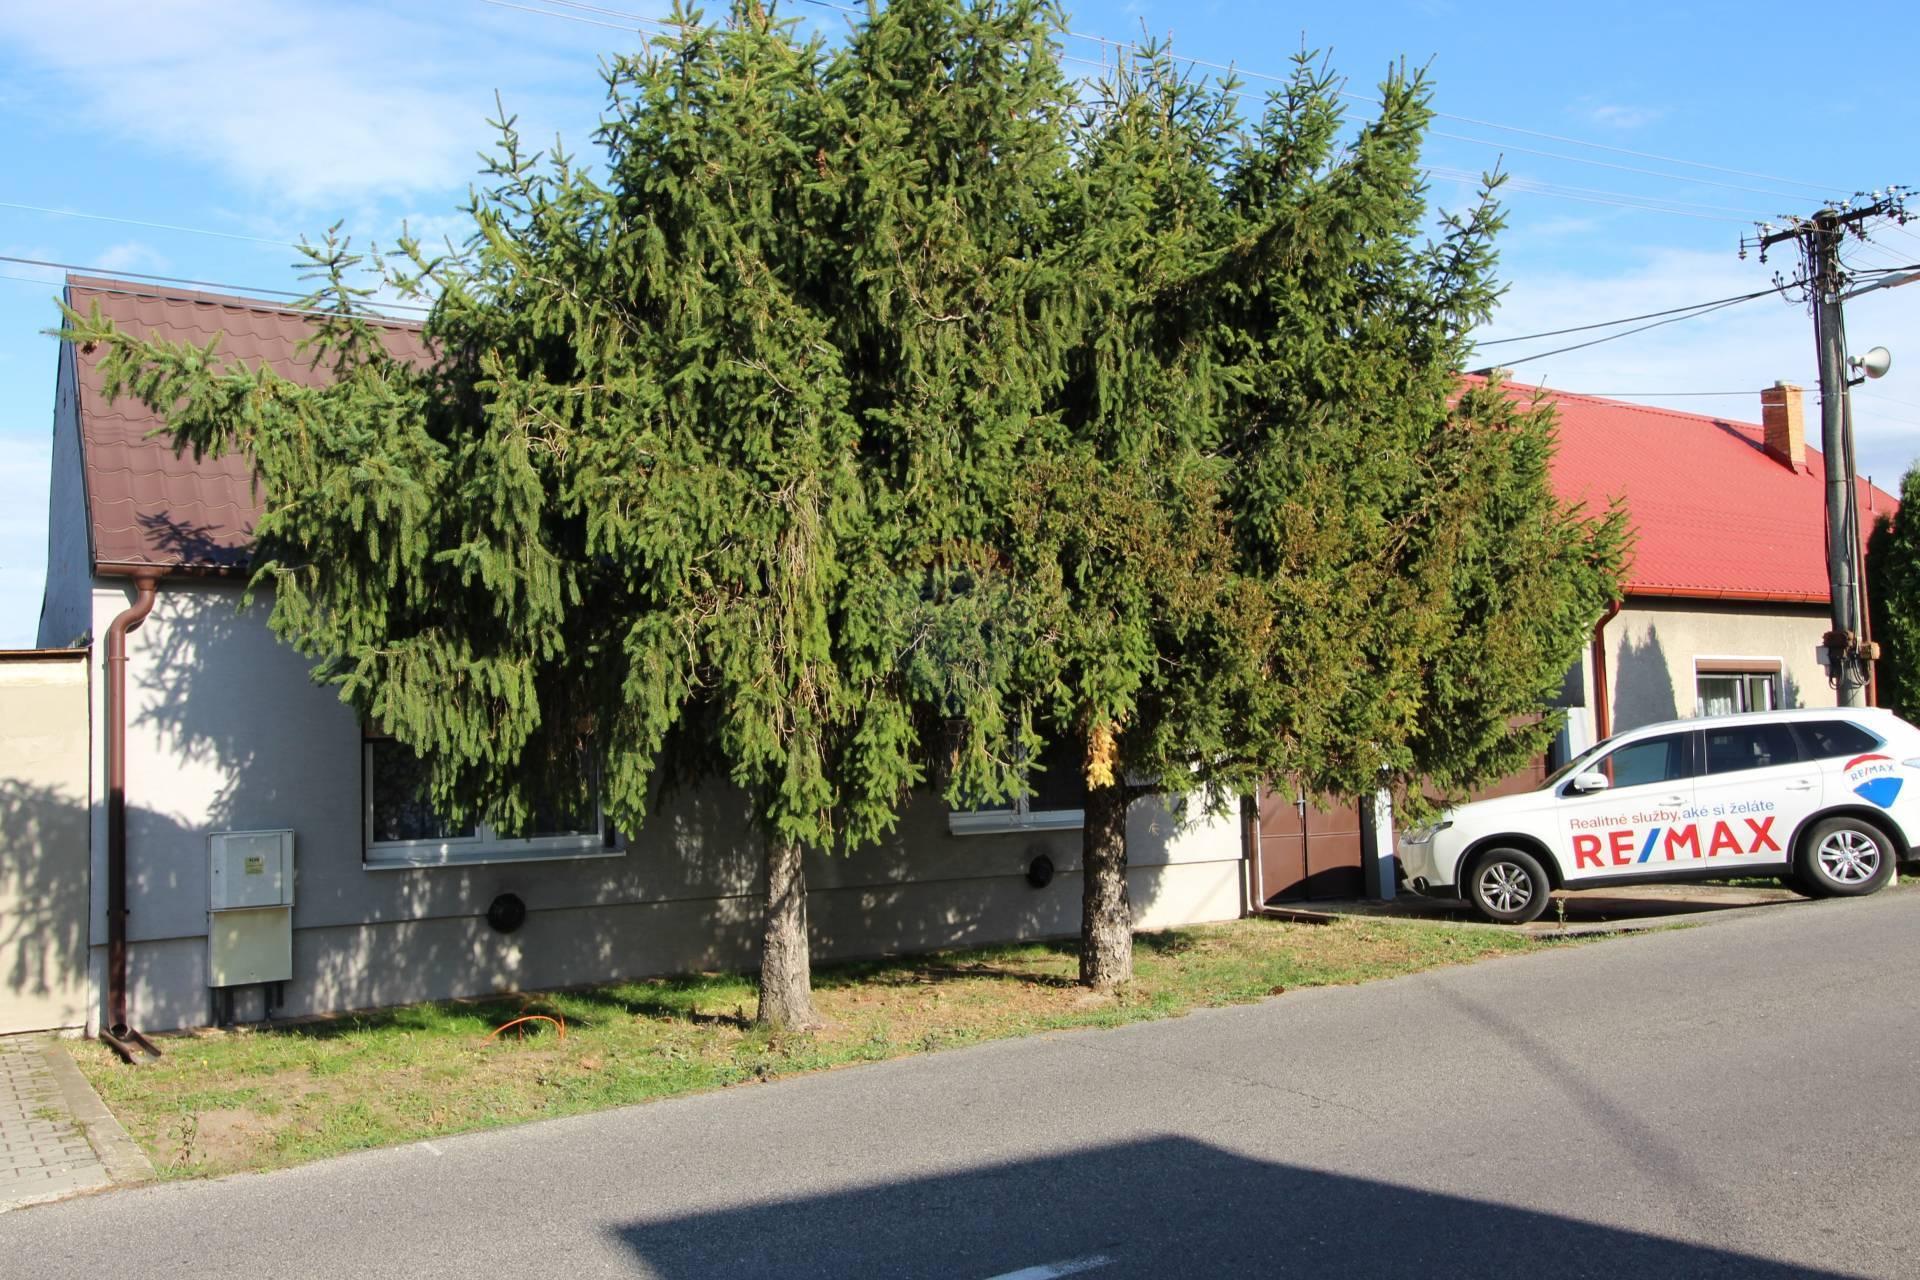 =RE/MAX= Na predaj rodinný dom, Hrnčiarovce nad Parnou, 479 m2 pozemok